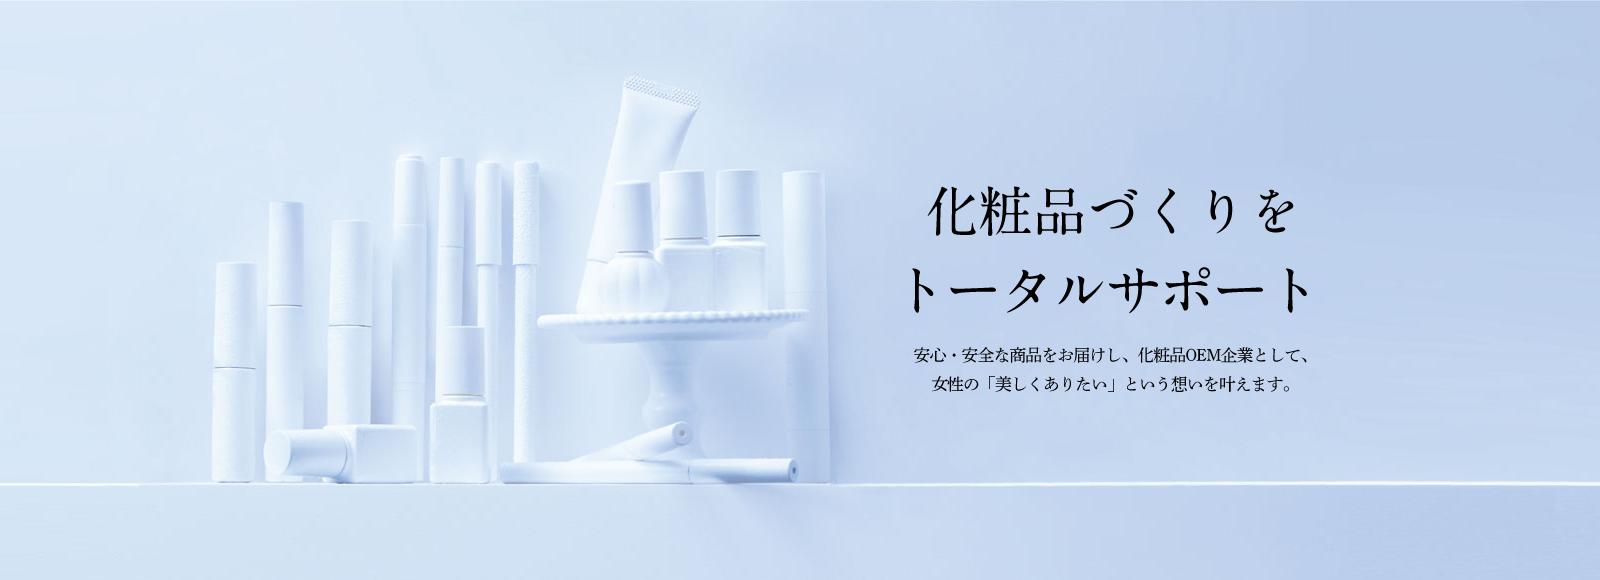 化粧品づくりをトータルサポート!安心・安全な商品をお届けし、化粧品OEM企業として、女性の「美しくありたい」という想いを叶えます。